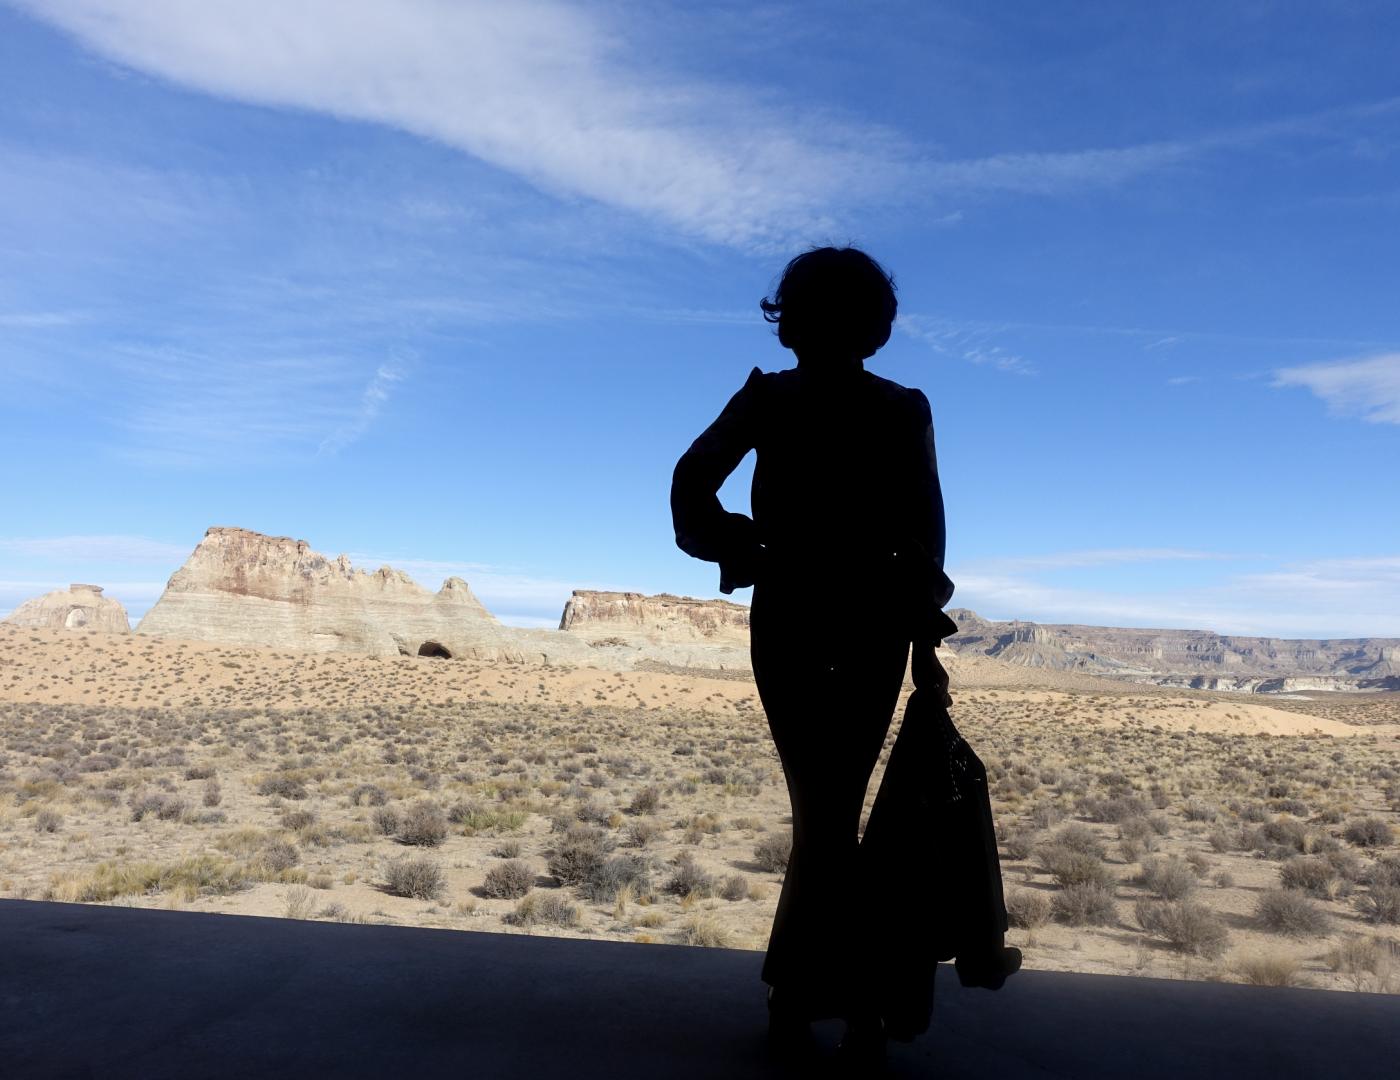 在渺无人烟的大沙漠中如何自得其乐_图1-17